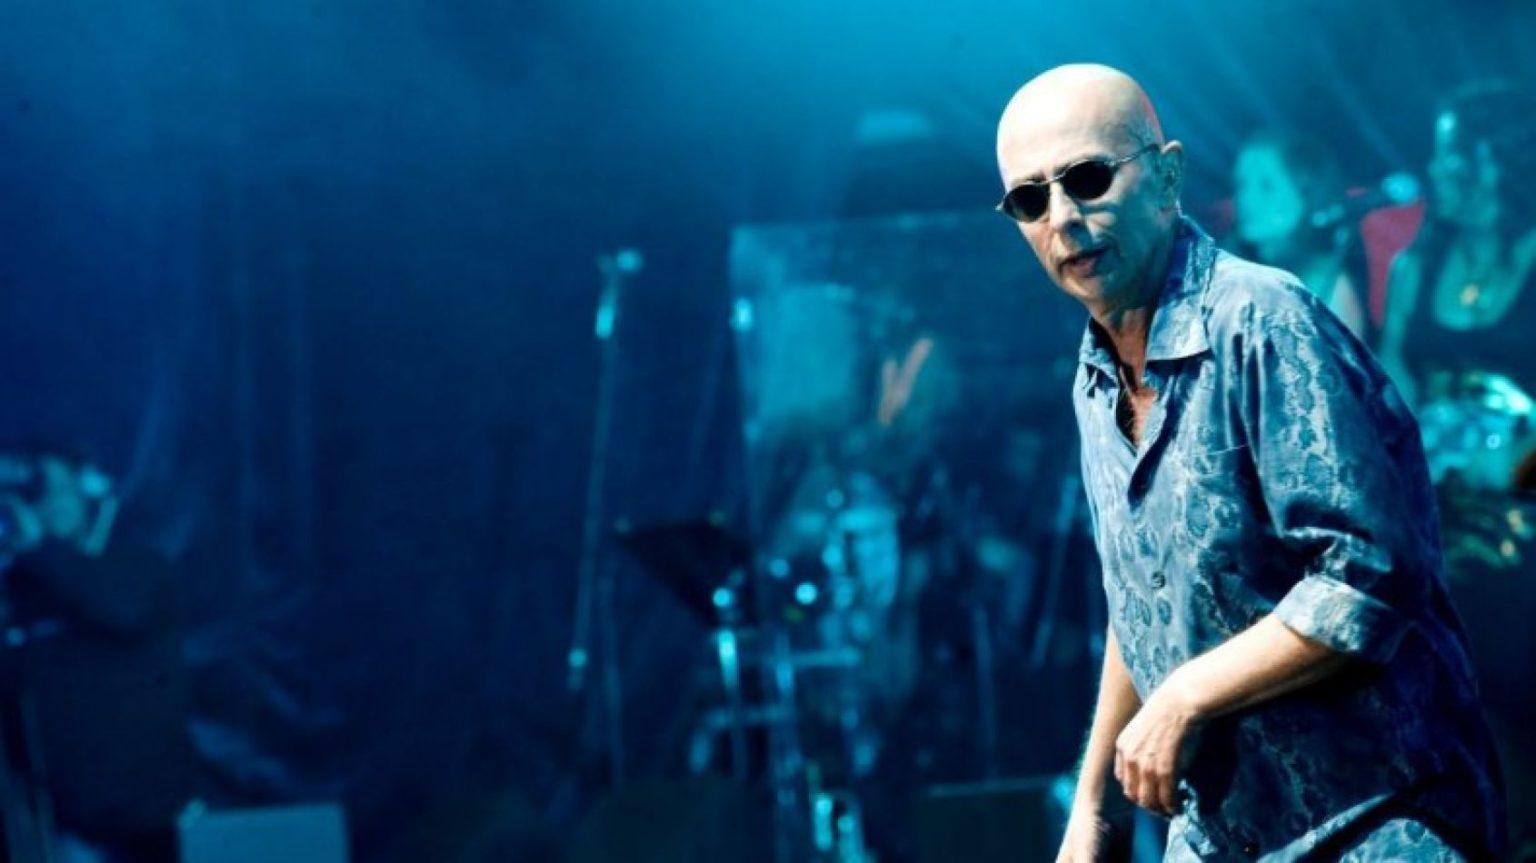 Hay misa! El Indio solari anunció un nuevo concierto de Los Fundamentalistas del Aire Acondicionado